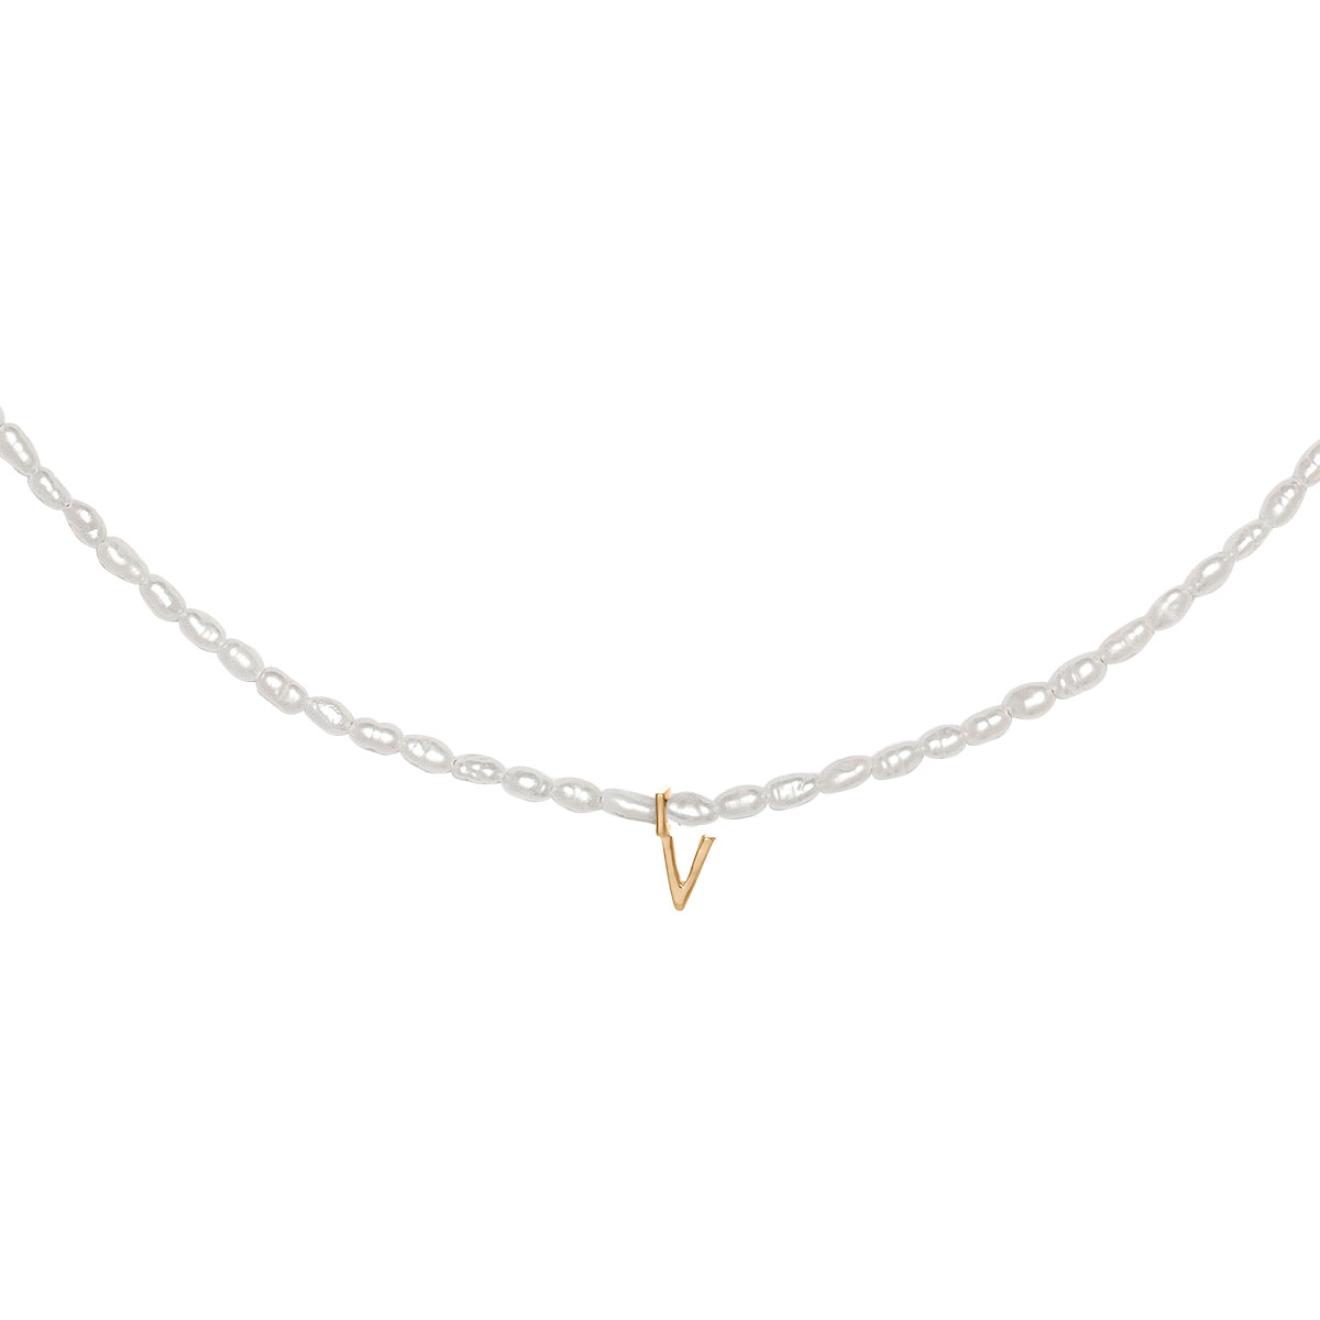 Фото - Ringstone Жемчужное ожерелье из серебра с позолоченной буквой V ringstone жемчужное ожерелье с буквой s ringstone